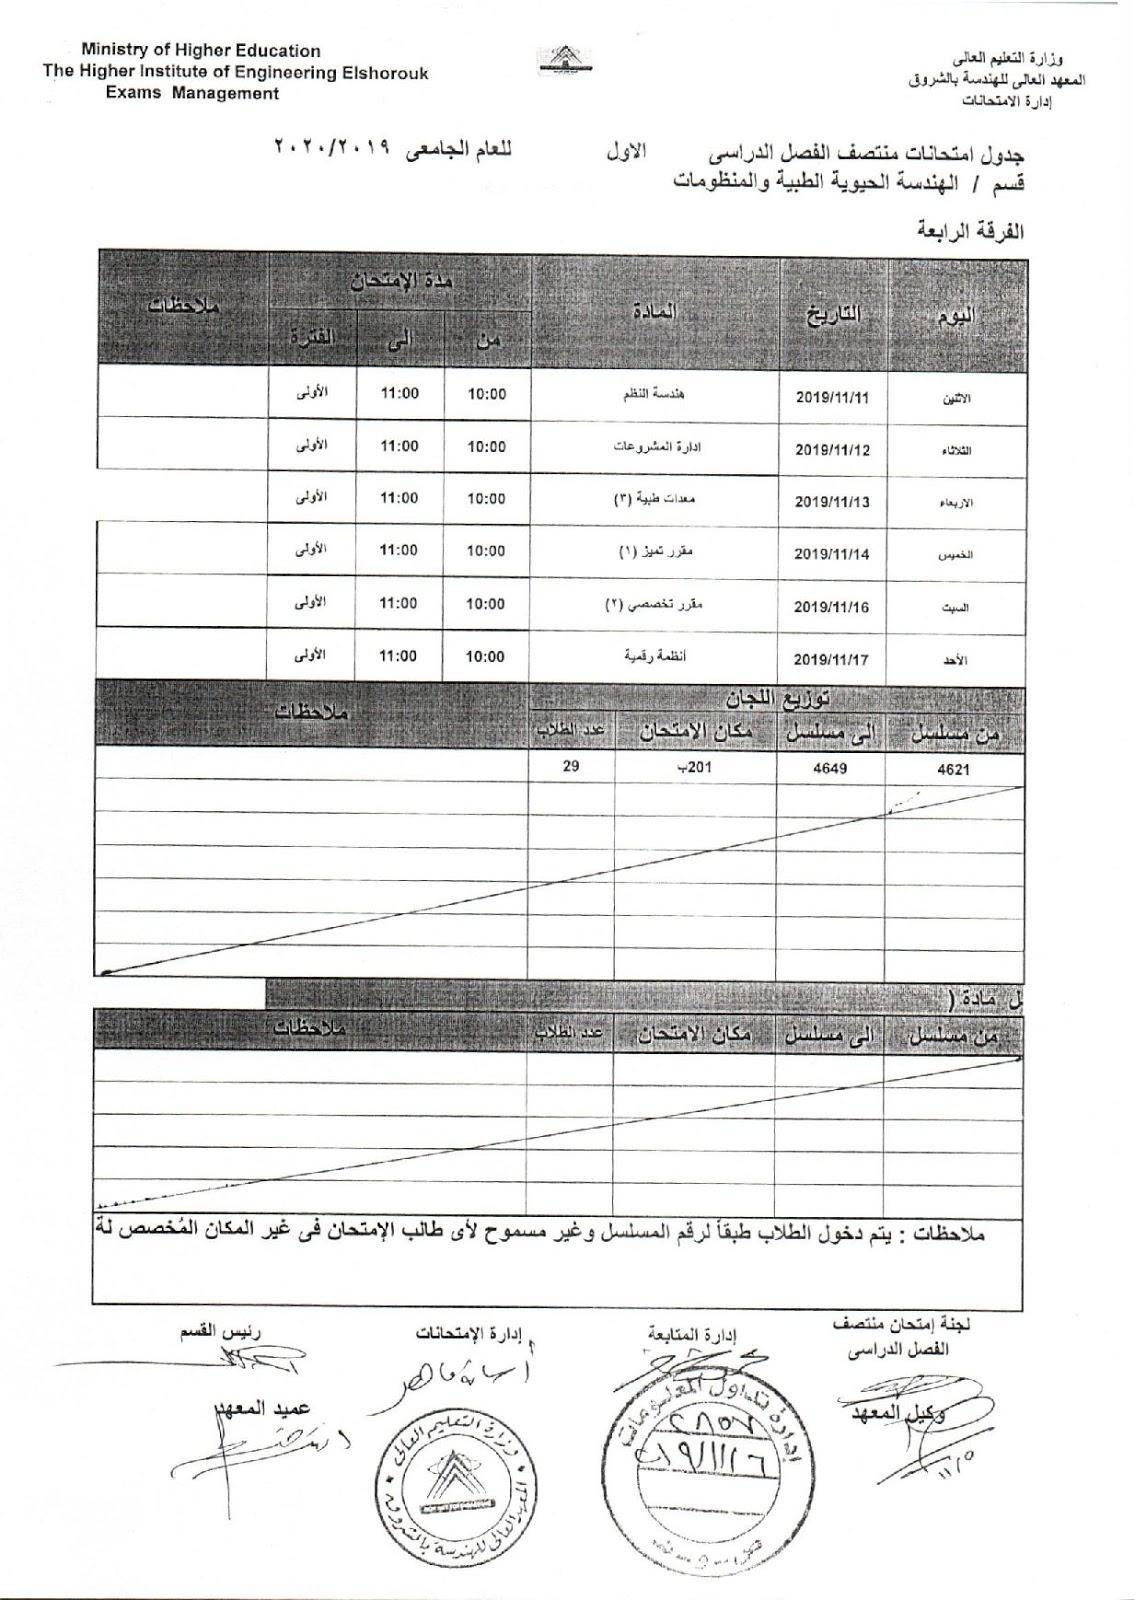 جدول امتحانات اكاديمية الشروق رابعة الهندسة الحيوية الطبية والمنظومات  ميدترم 2019-2020